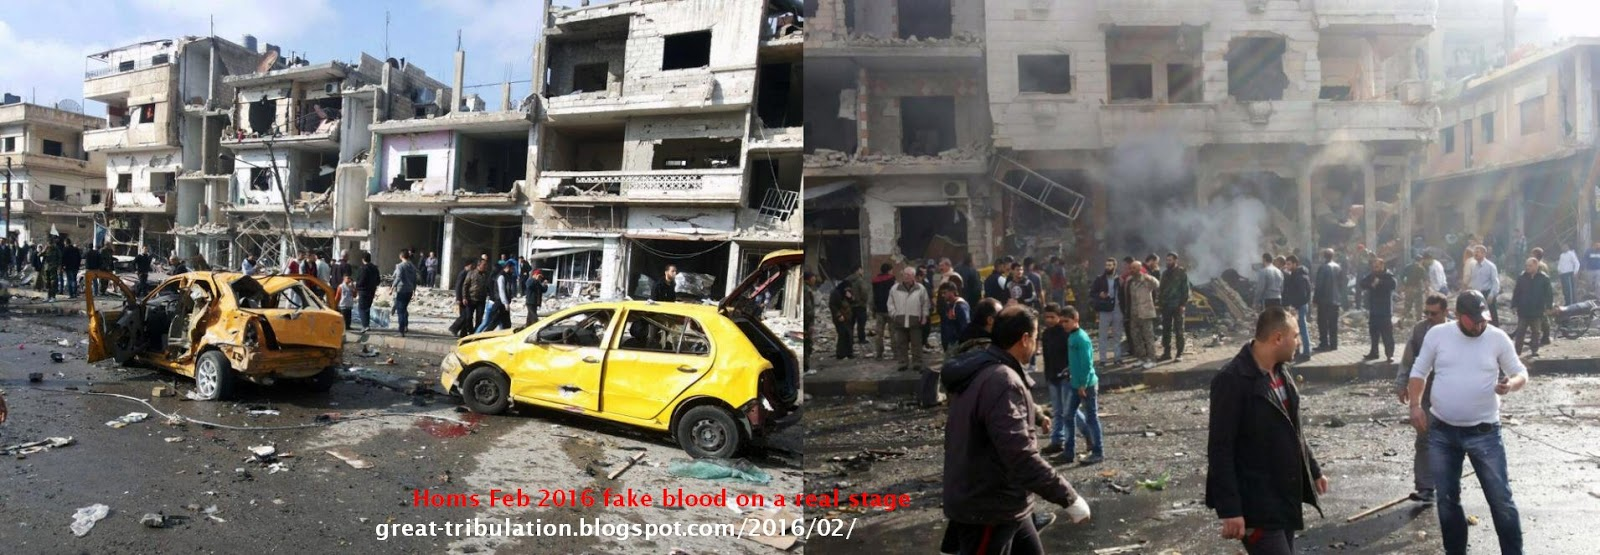 Homs%2BSyria%2BFeb%2B2016%2Bfake%2Bblood